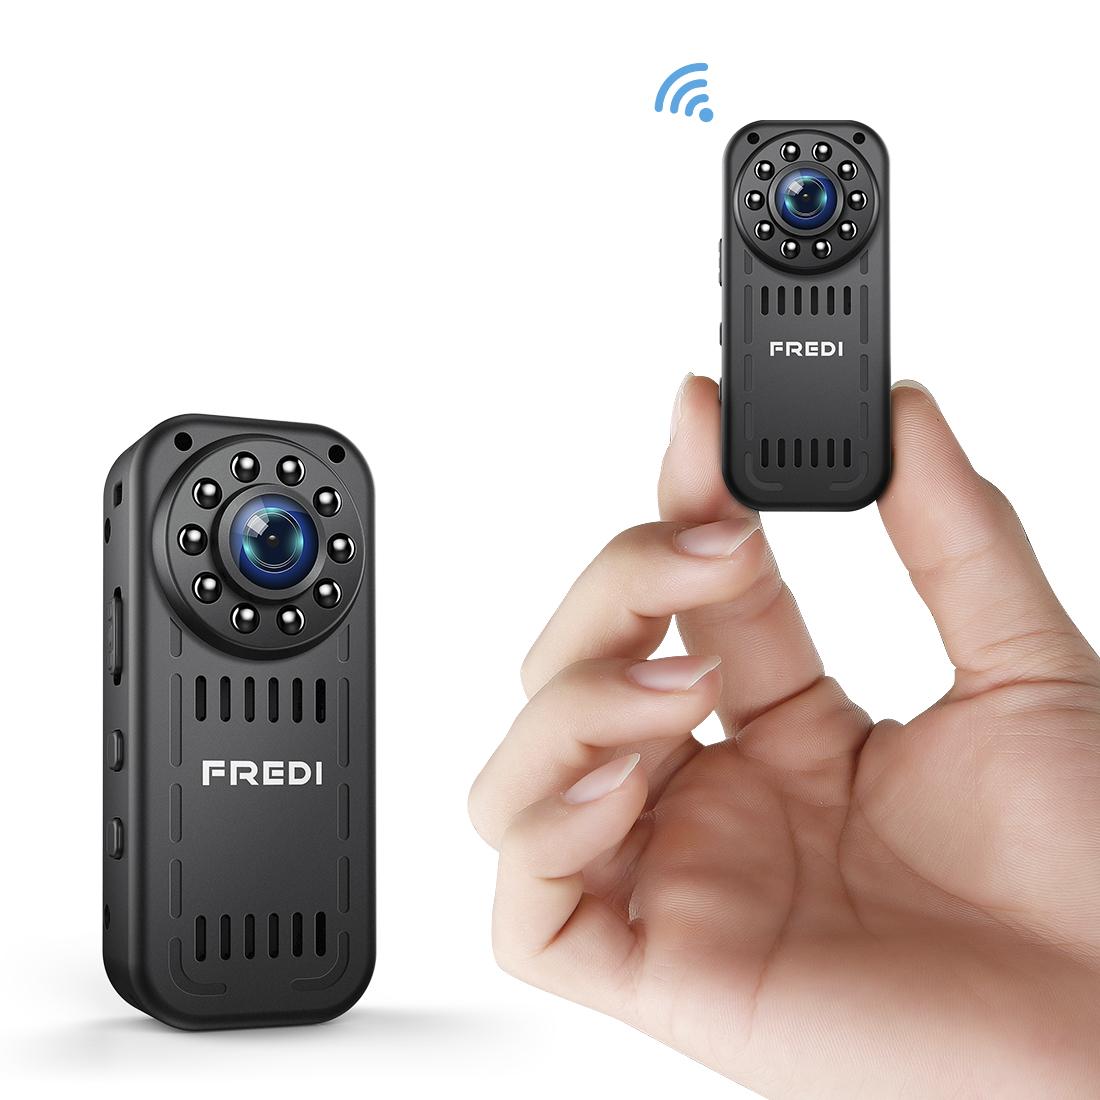 0a1459d1b5a61 Details about FREDI Mini Hidden Spy Camera HD1080P Wifi Camera Security IP  Camera Night Vision